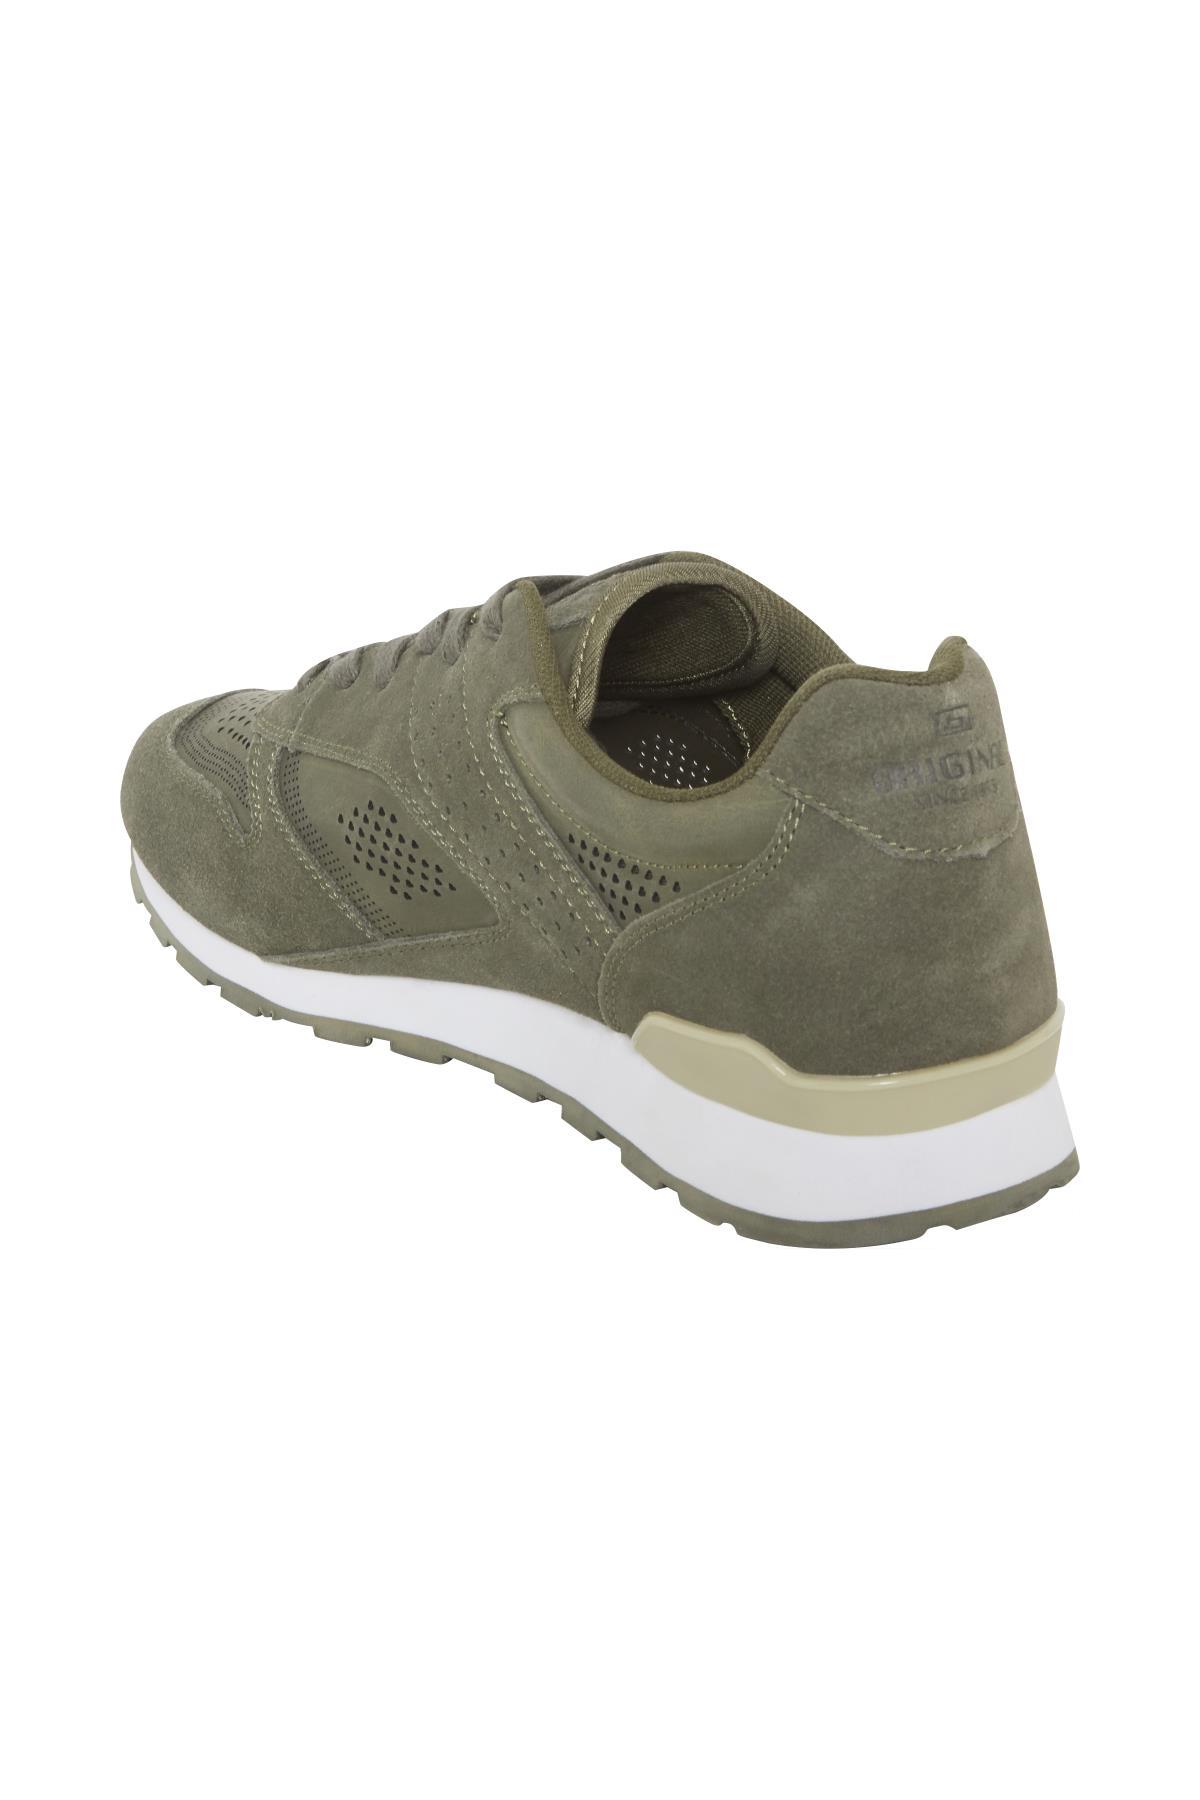 Støvet olivengrøn Sko fra Blend He Shoes – Køb Støvet olivengrøn Sko fra str. 40-46 her